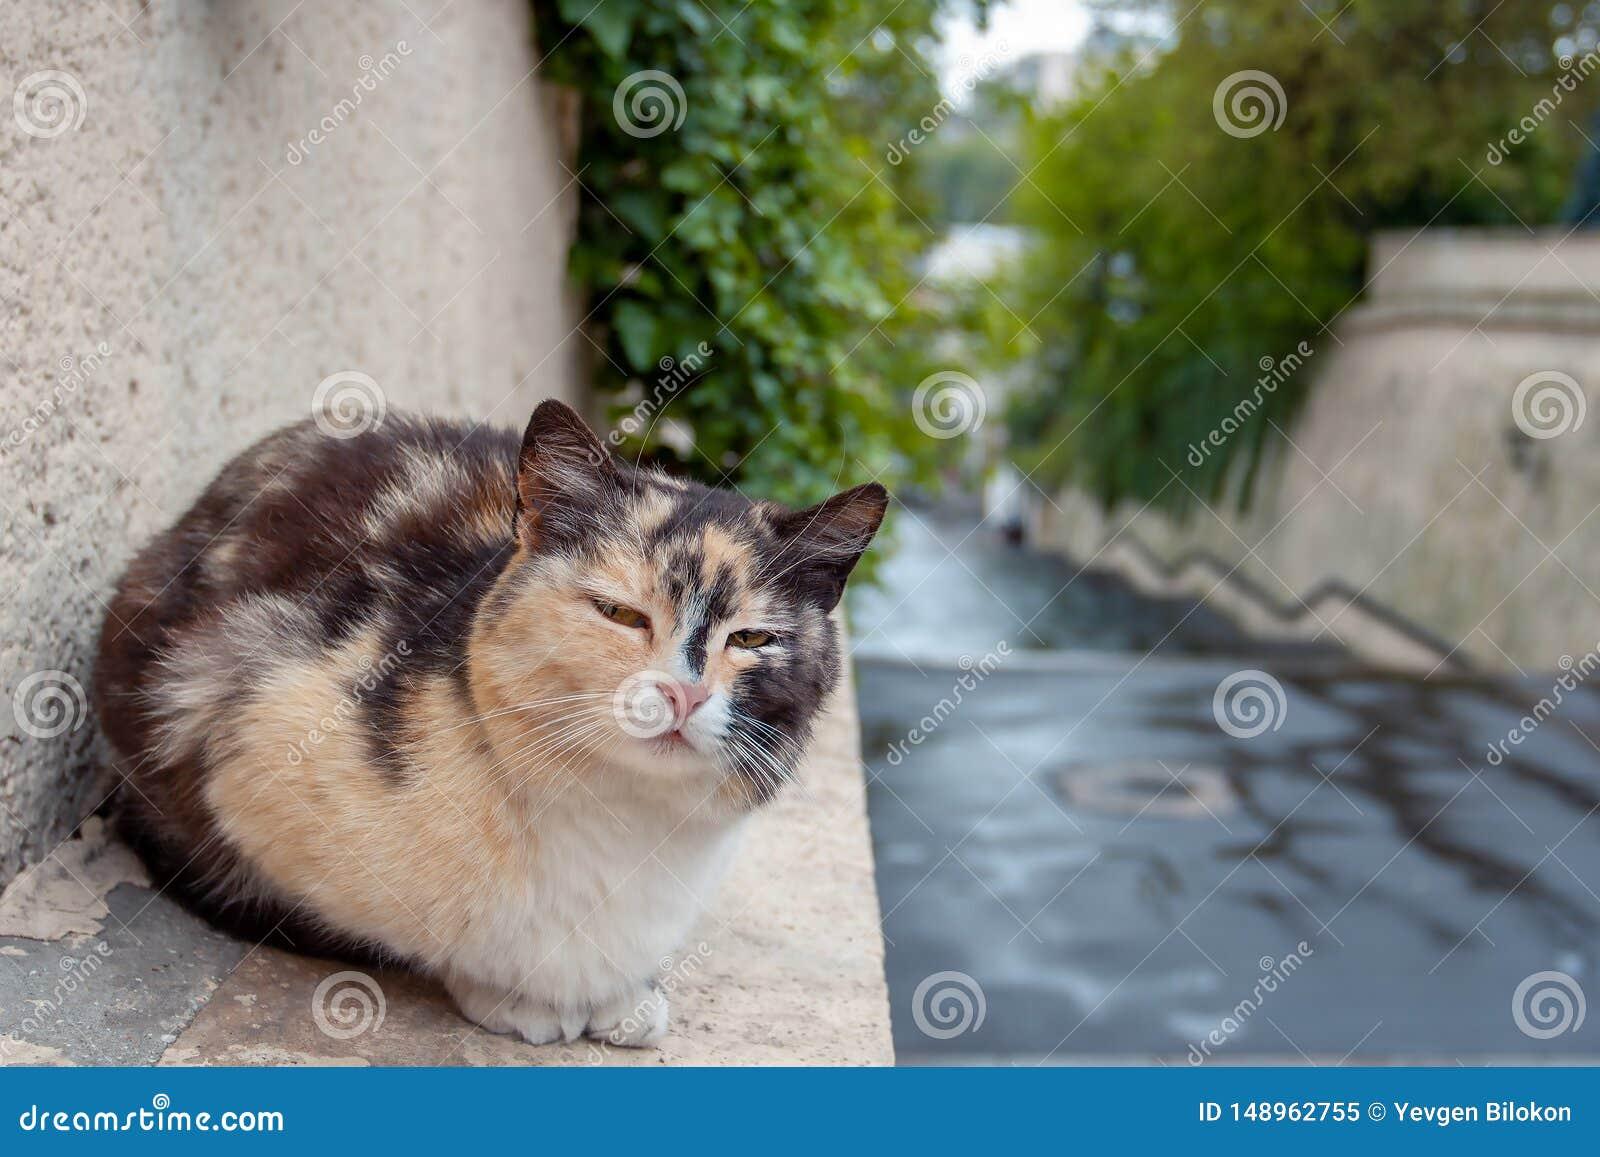 单独离群猫在雨以后的街道上